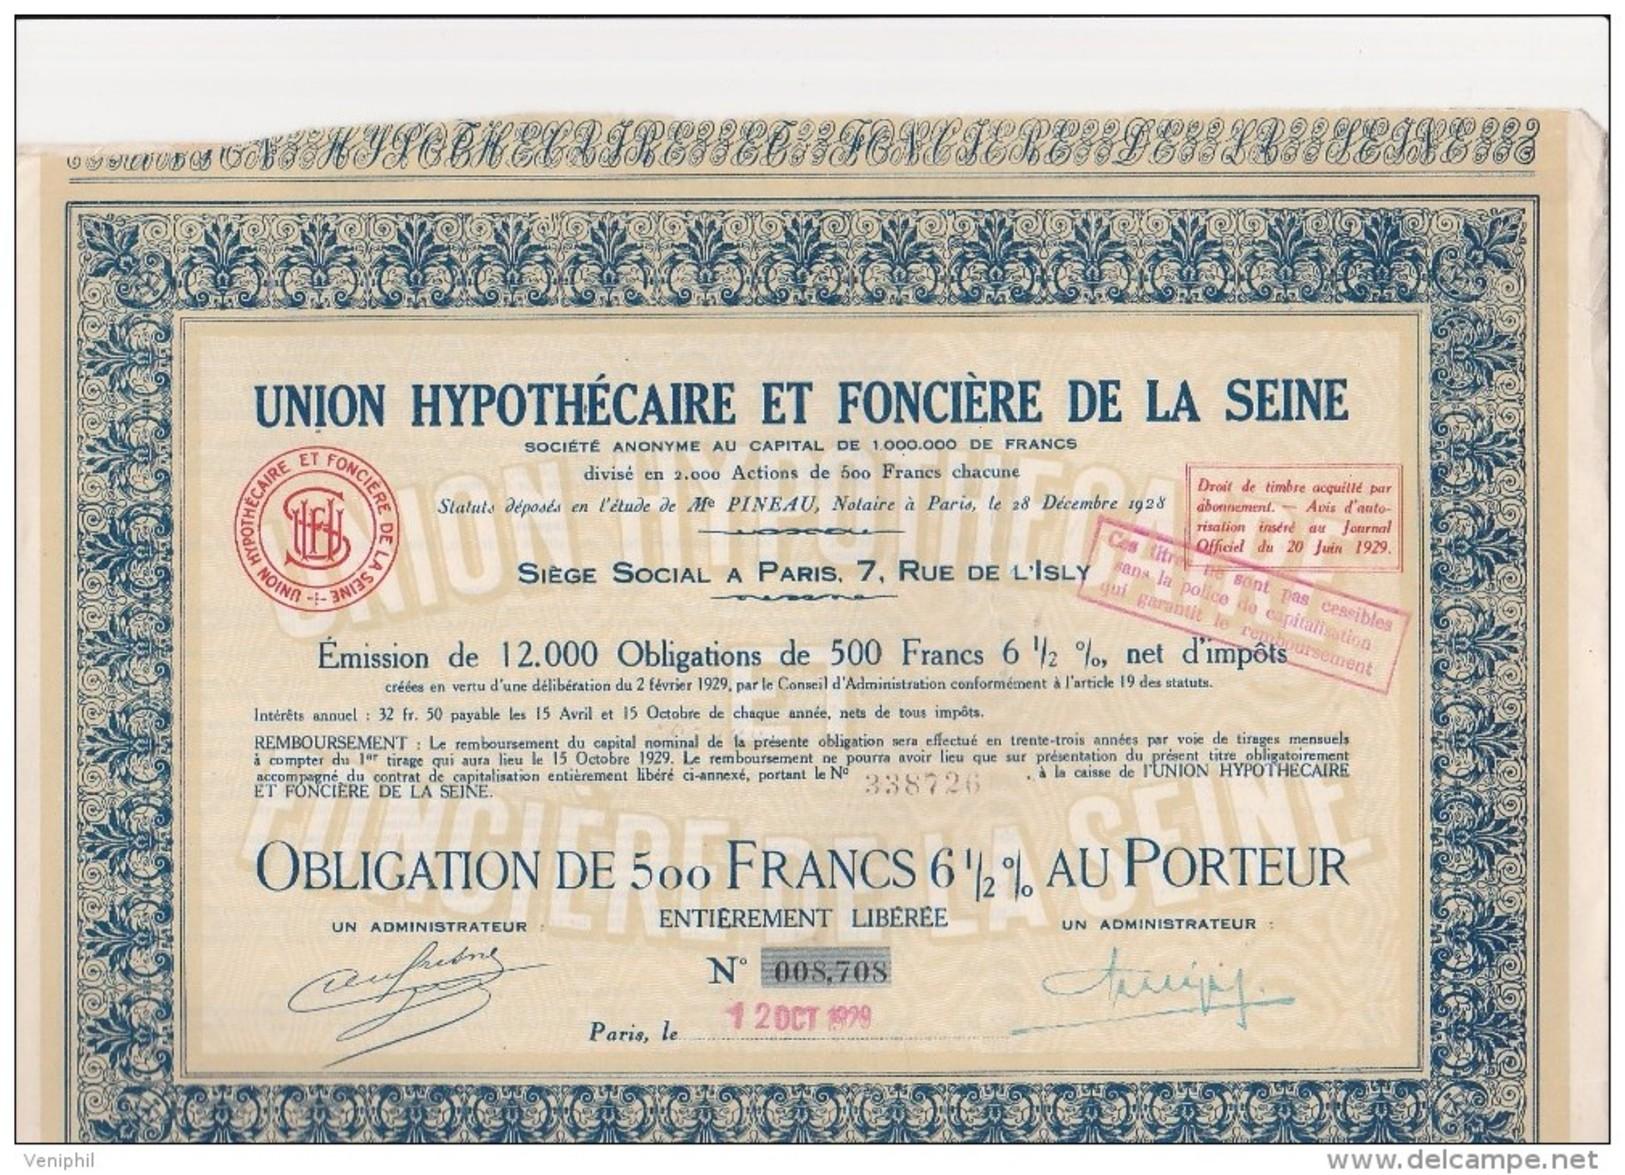 OBLIGATION DE 500 FRS 6,5 % AU PORTEUR - UNION HYPOTHECAIRE ET FONCIERE DE LA SEINE - 1929 - Banque & Assurance